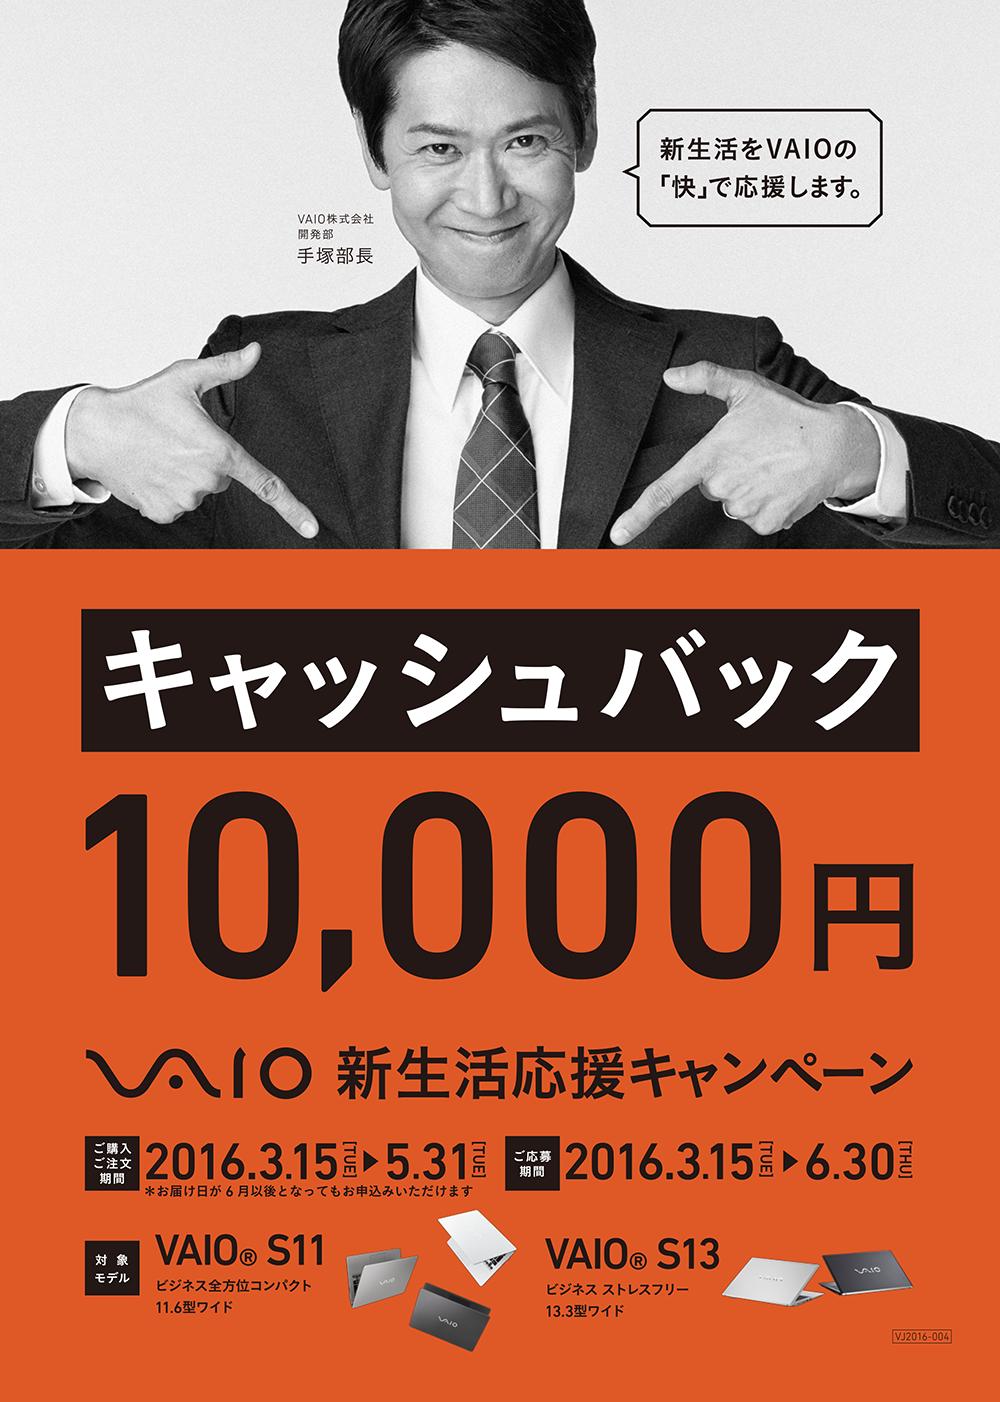 VAIO_CP_flyel-1_1000